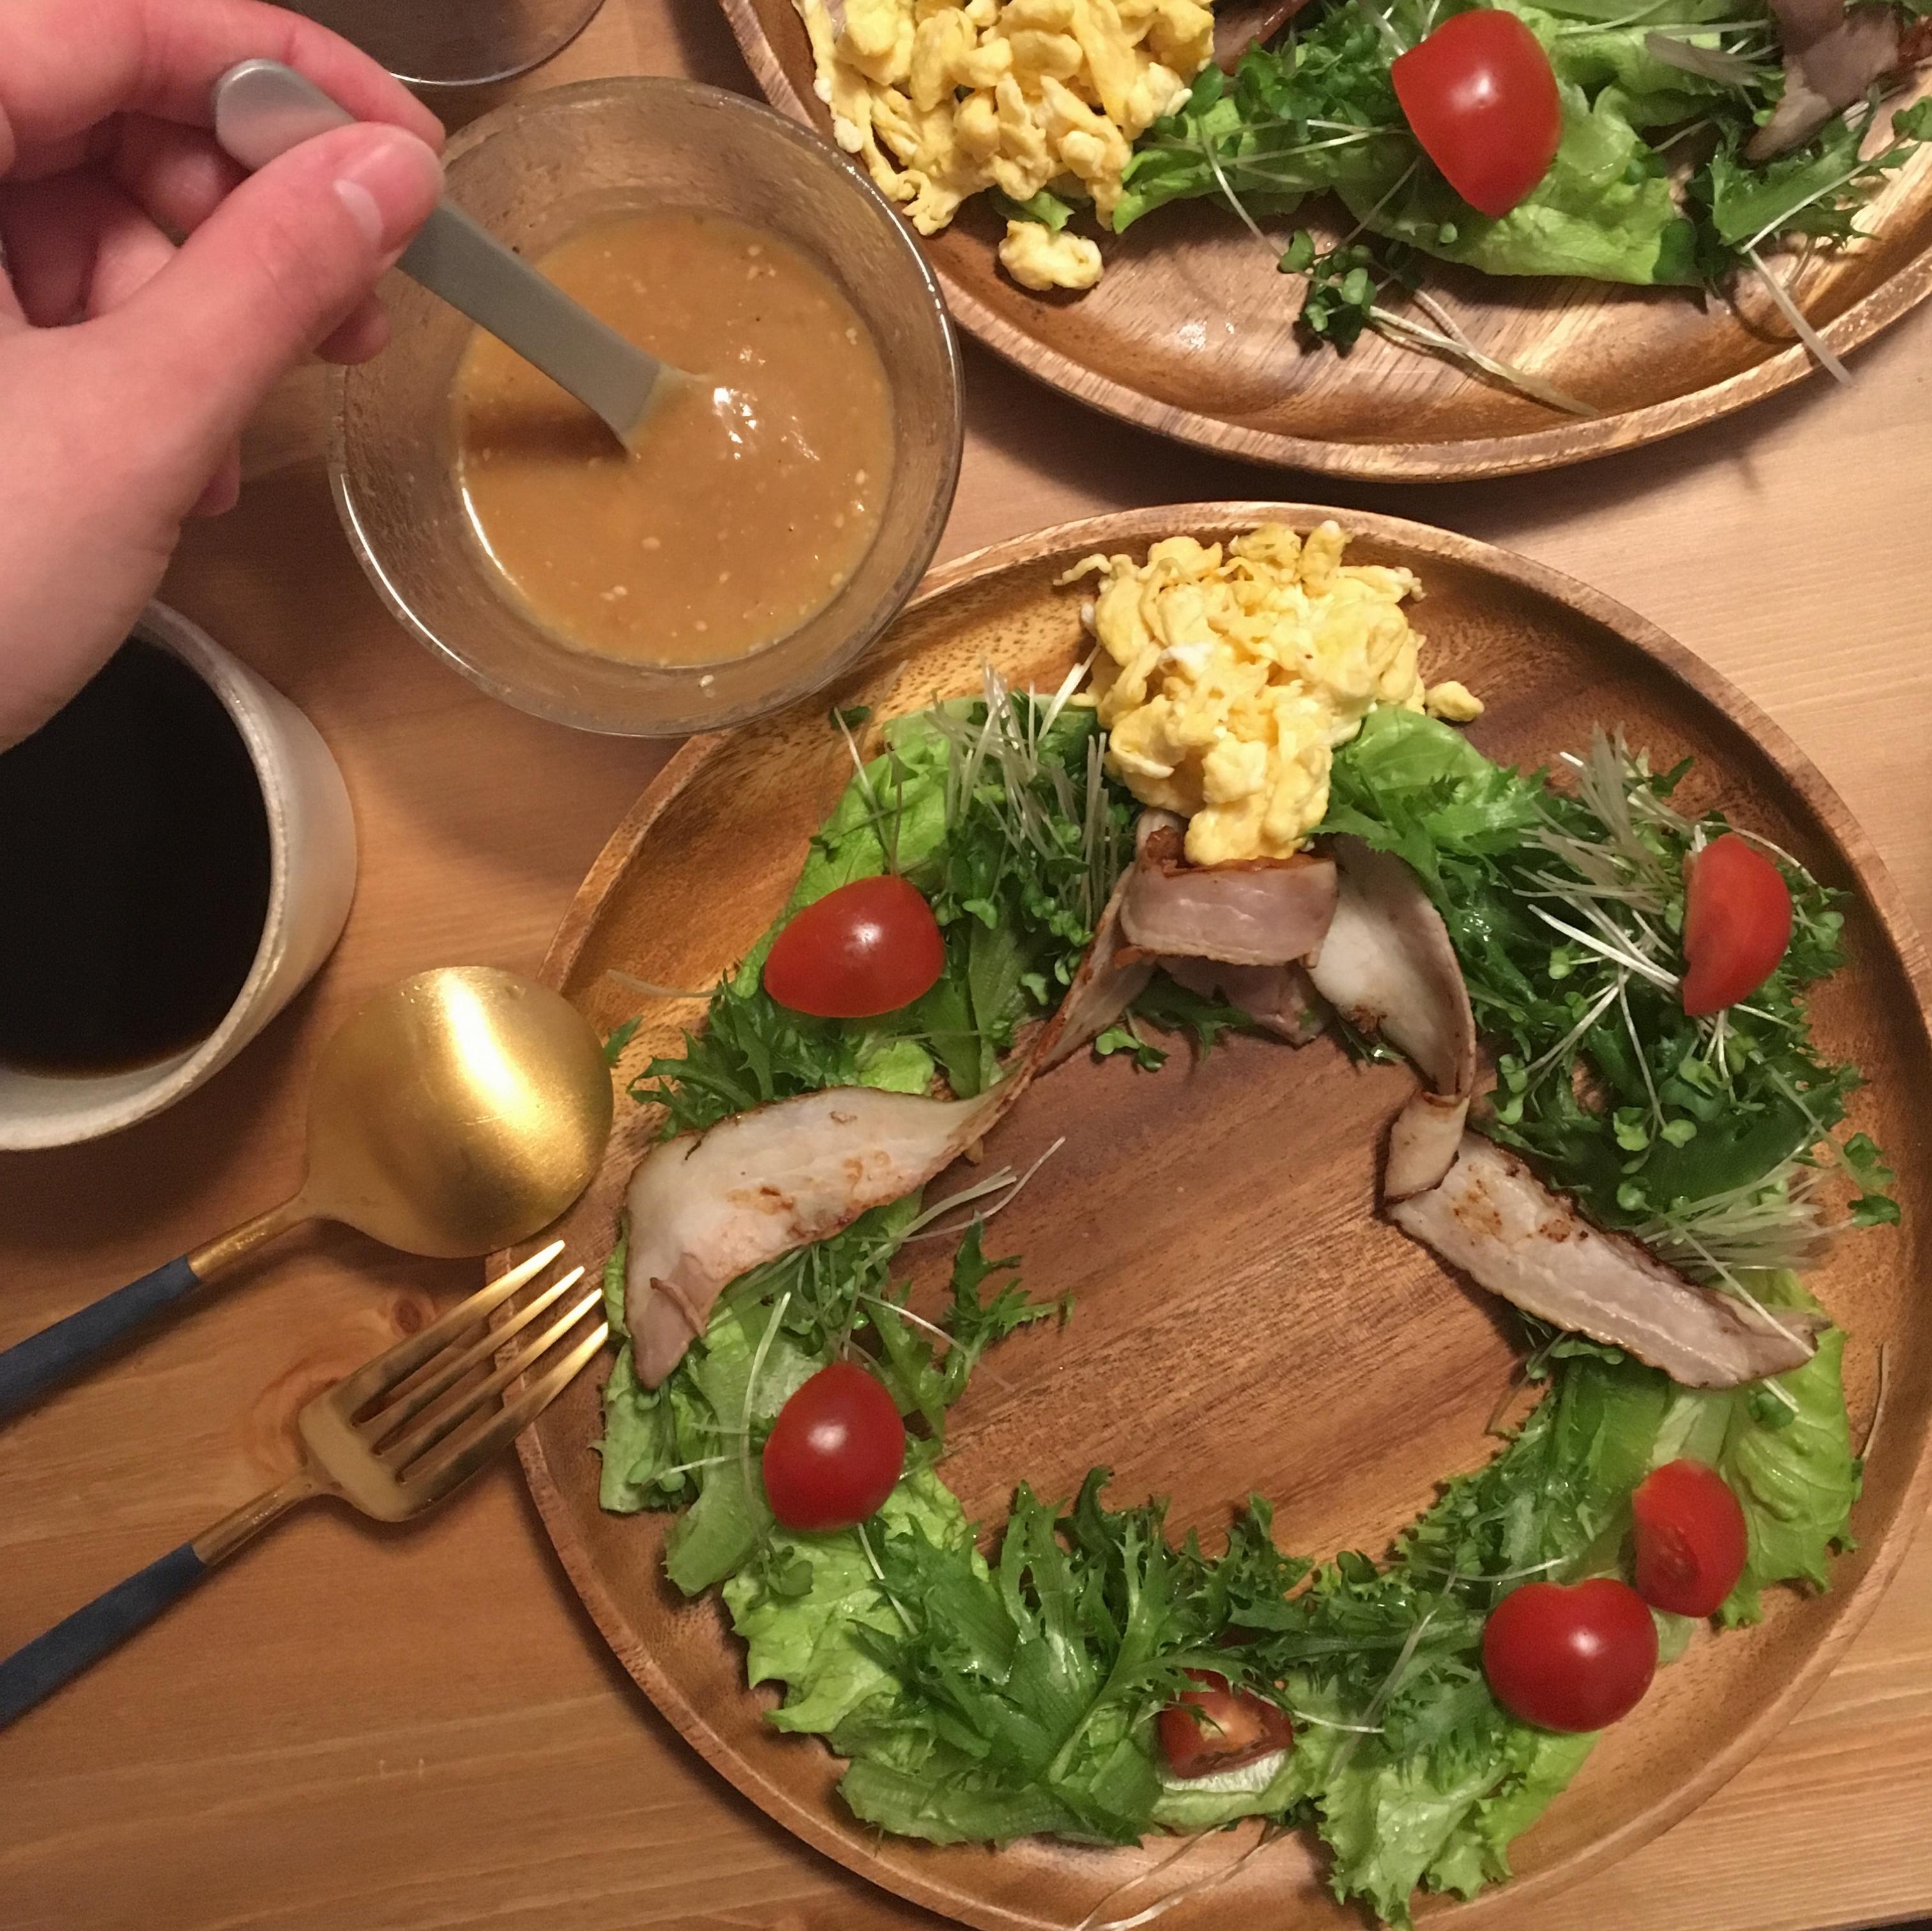 【美と健康とダイエットの味方!】注目のCibotta(チボッタ)の●●●オイルで手作りグラノーラとクリスマスサラダ_5